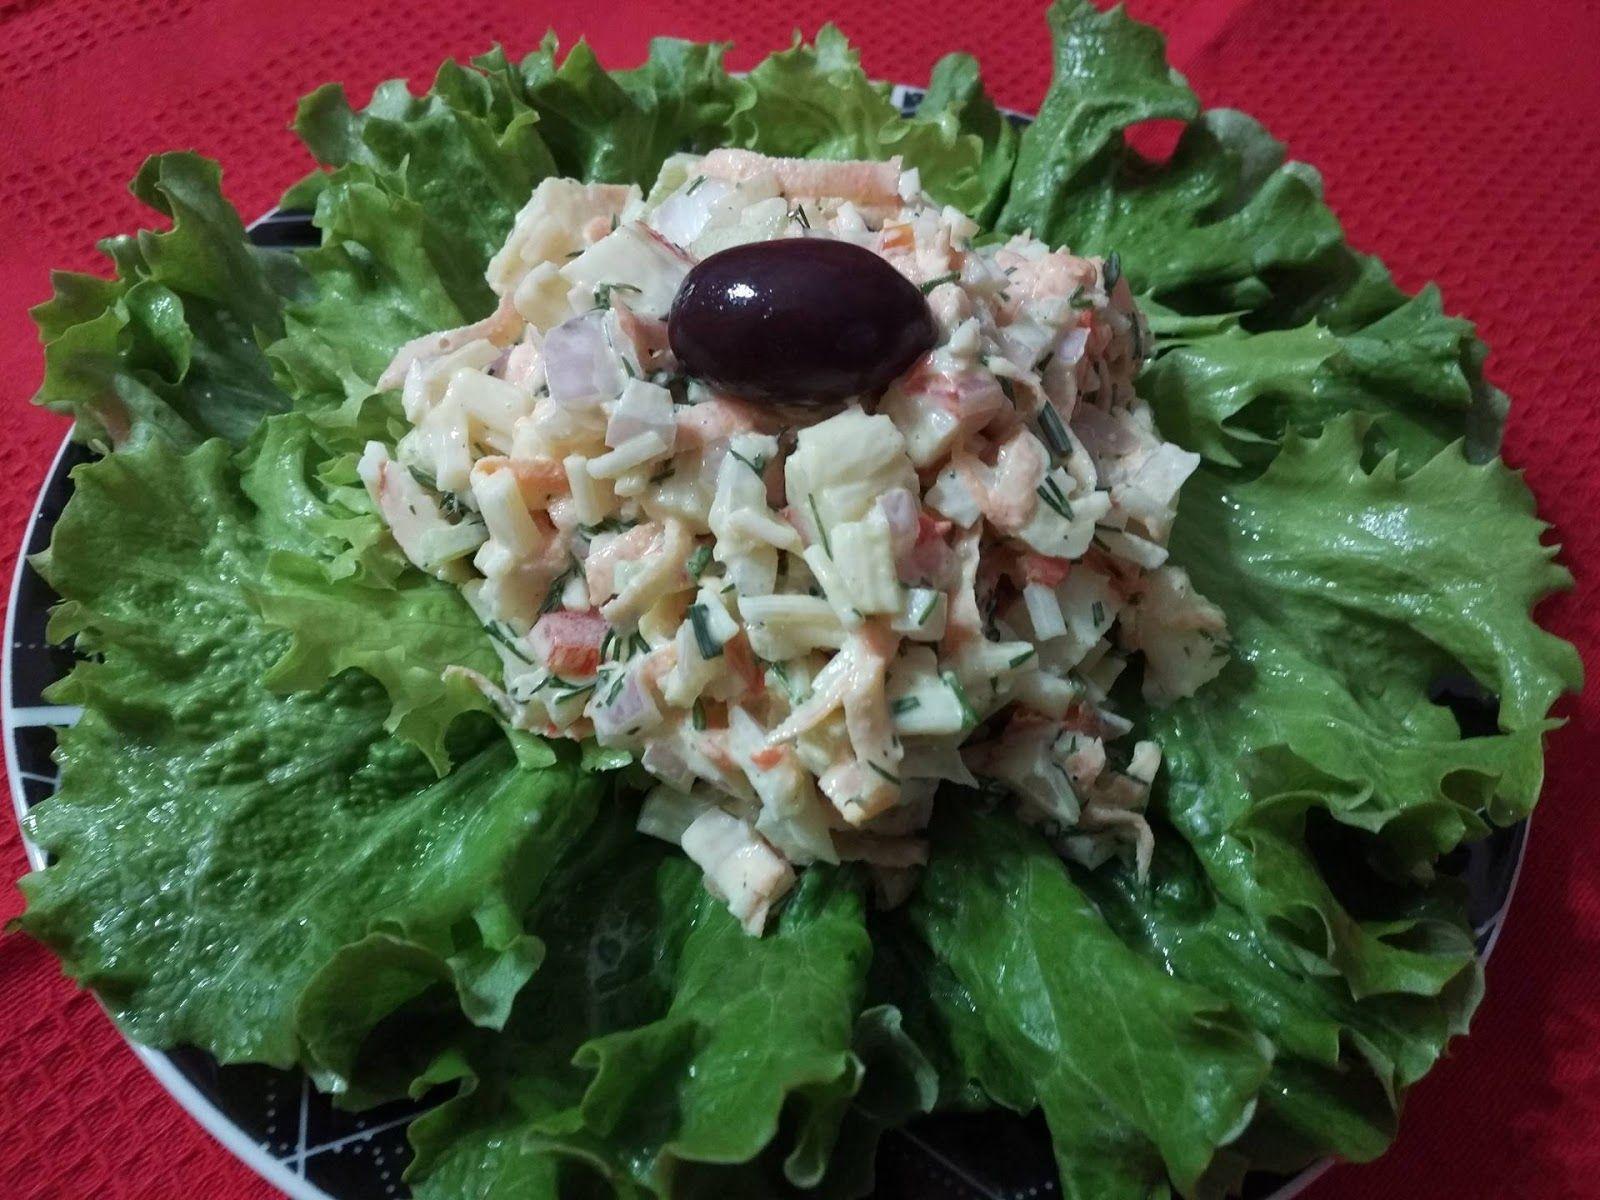 Φανταστικός ουζομεζές και όχι μόνο       Υλικά  1 πακέτο σουρίμι 250 γρ.  1 μικρο καρότο  1/2 κρεμμύδι ψιλοκομμένο σε κυβάκια  1/4 κόκκιν...